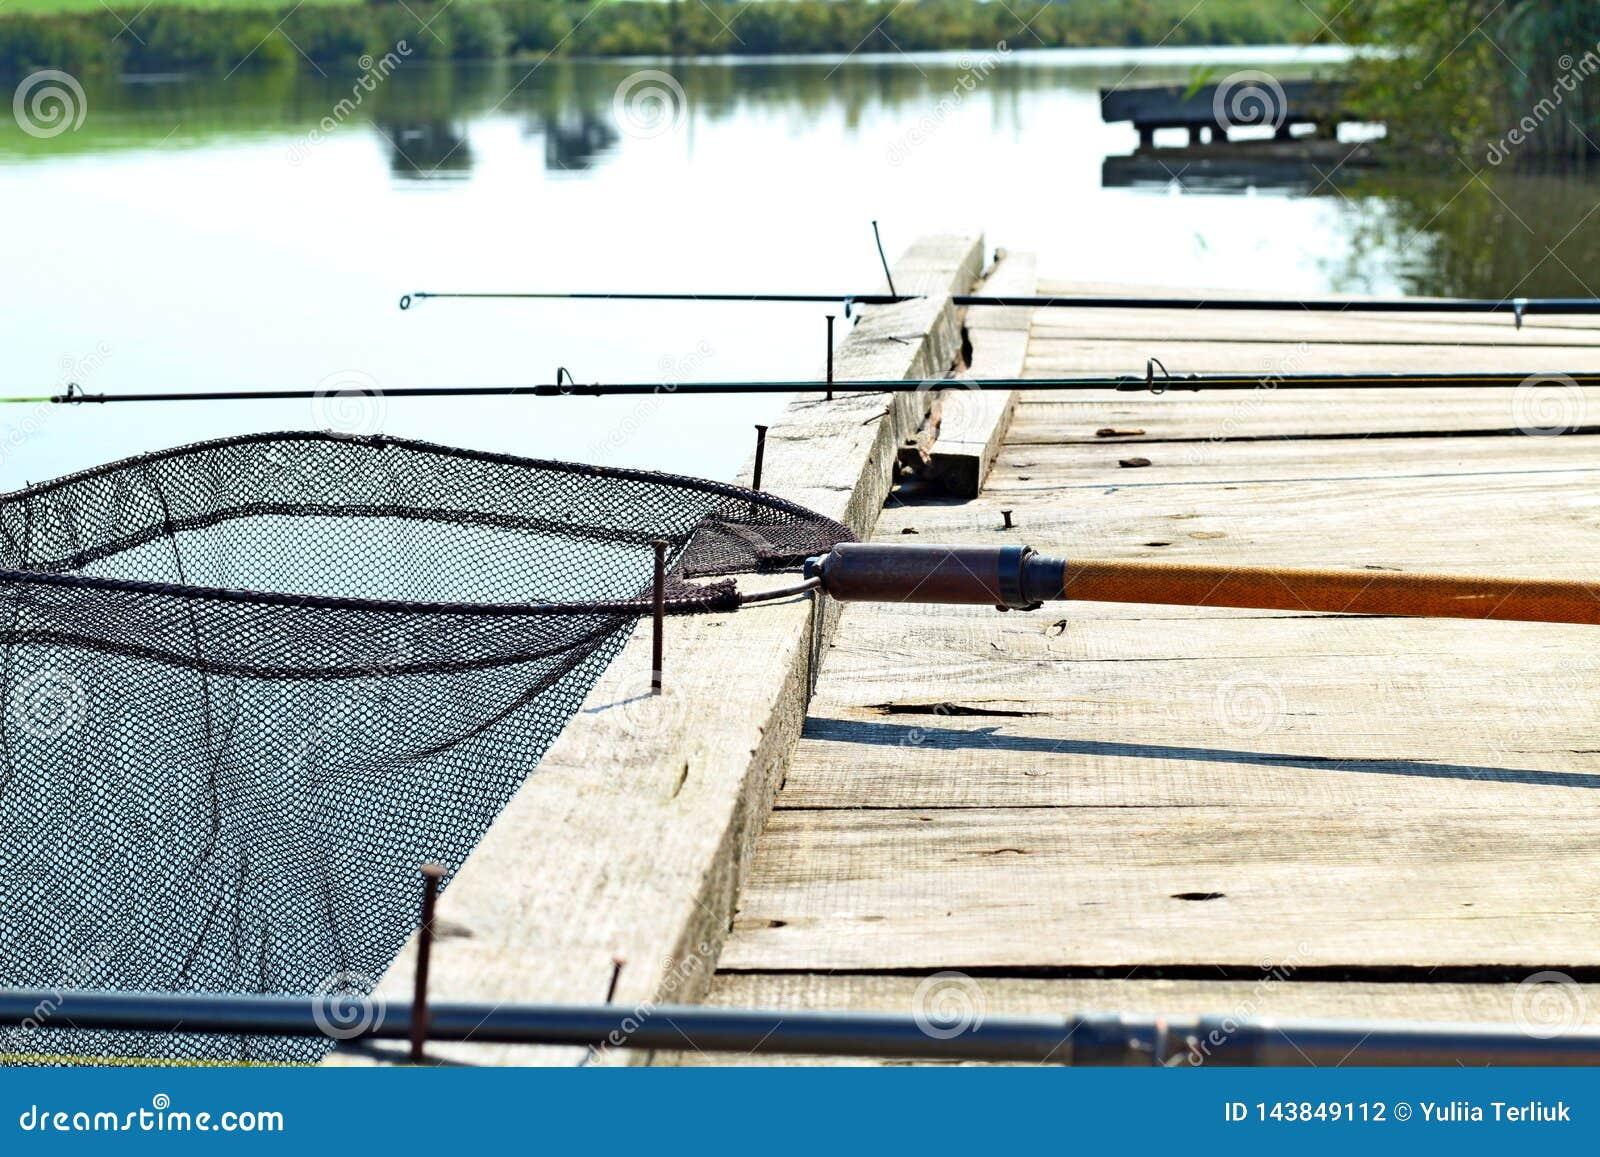 Fundo da pesca Imagem tonificada retro do equipamento de pesca no cais de madeira Pescando a plataforma no lago